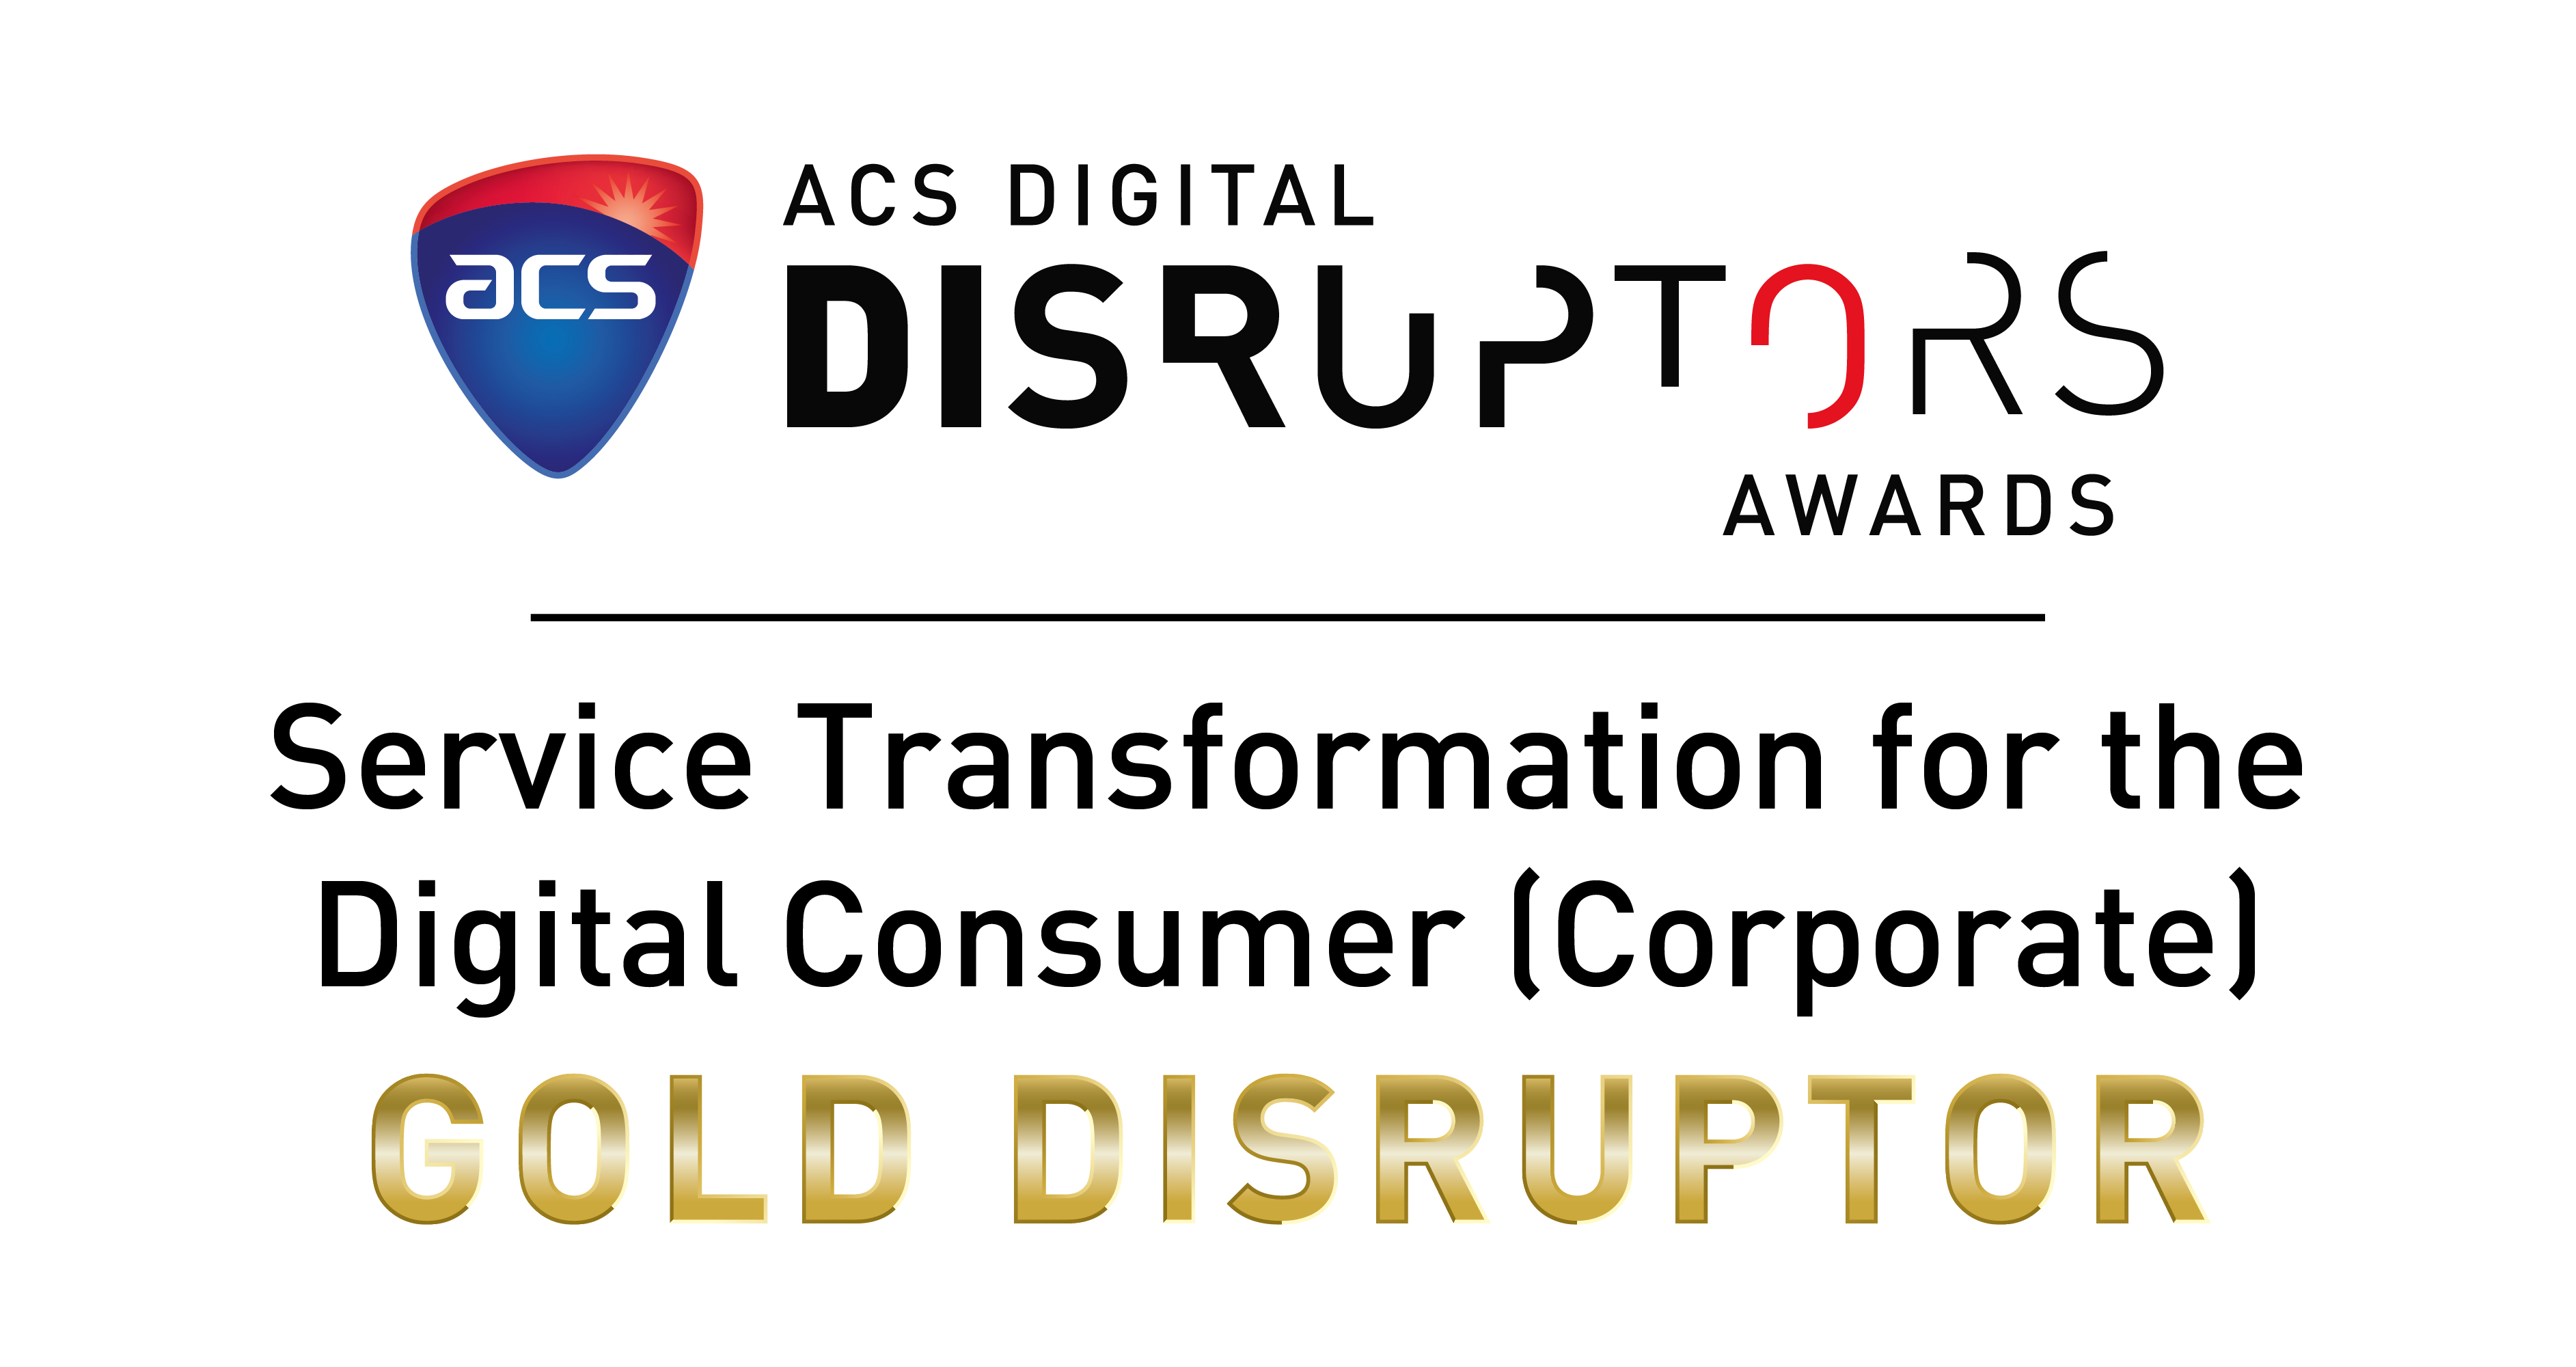 ACS Digital Disruptors Awards